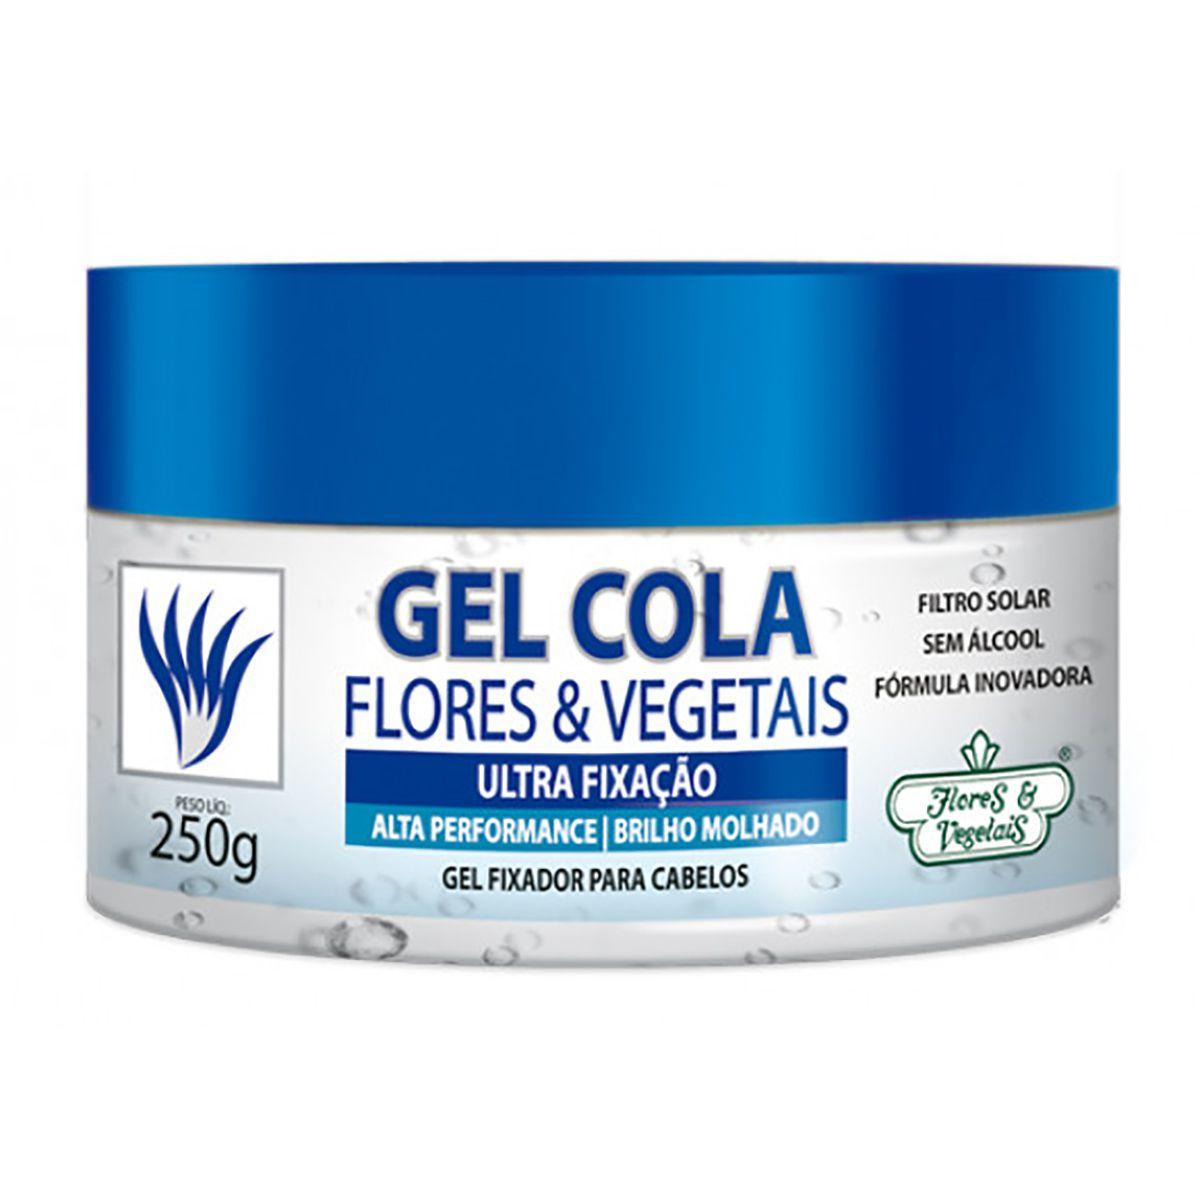 GEL COLA ULTRA FIXAÇÃO FLORES E VEGETAIS - 250G